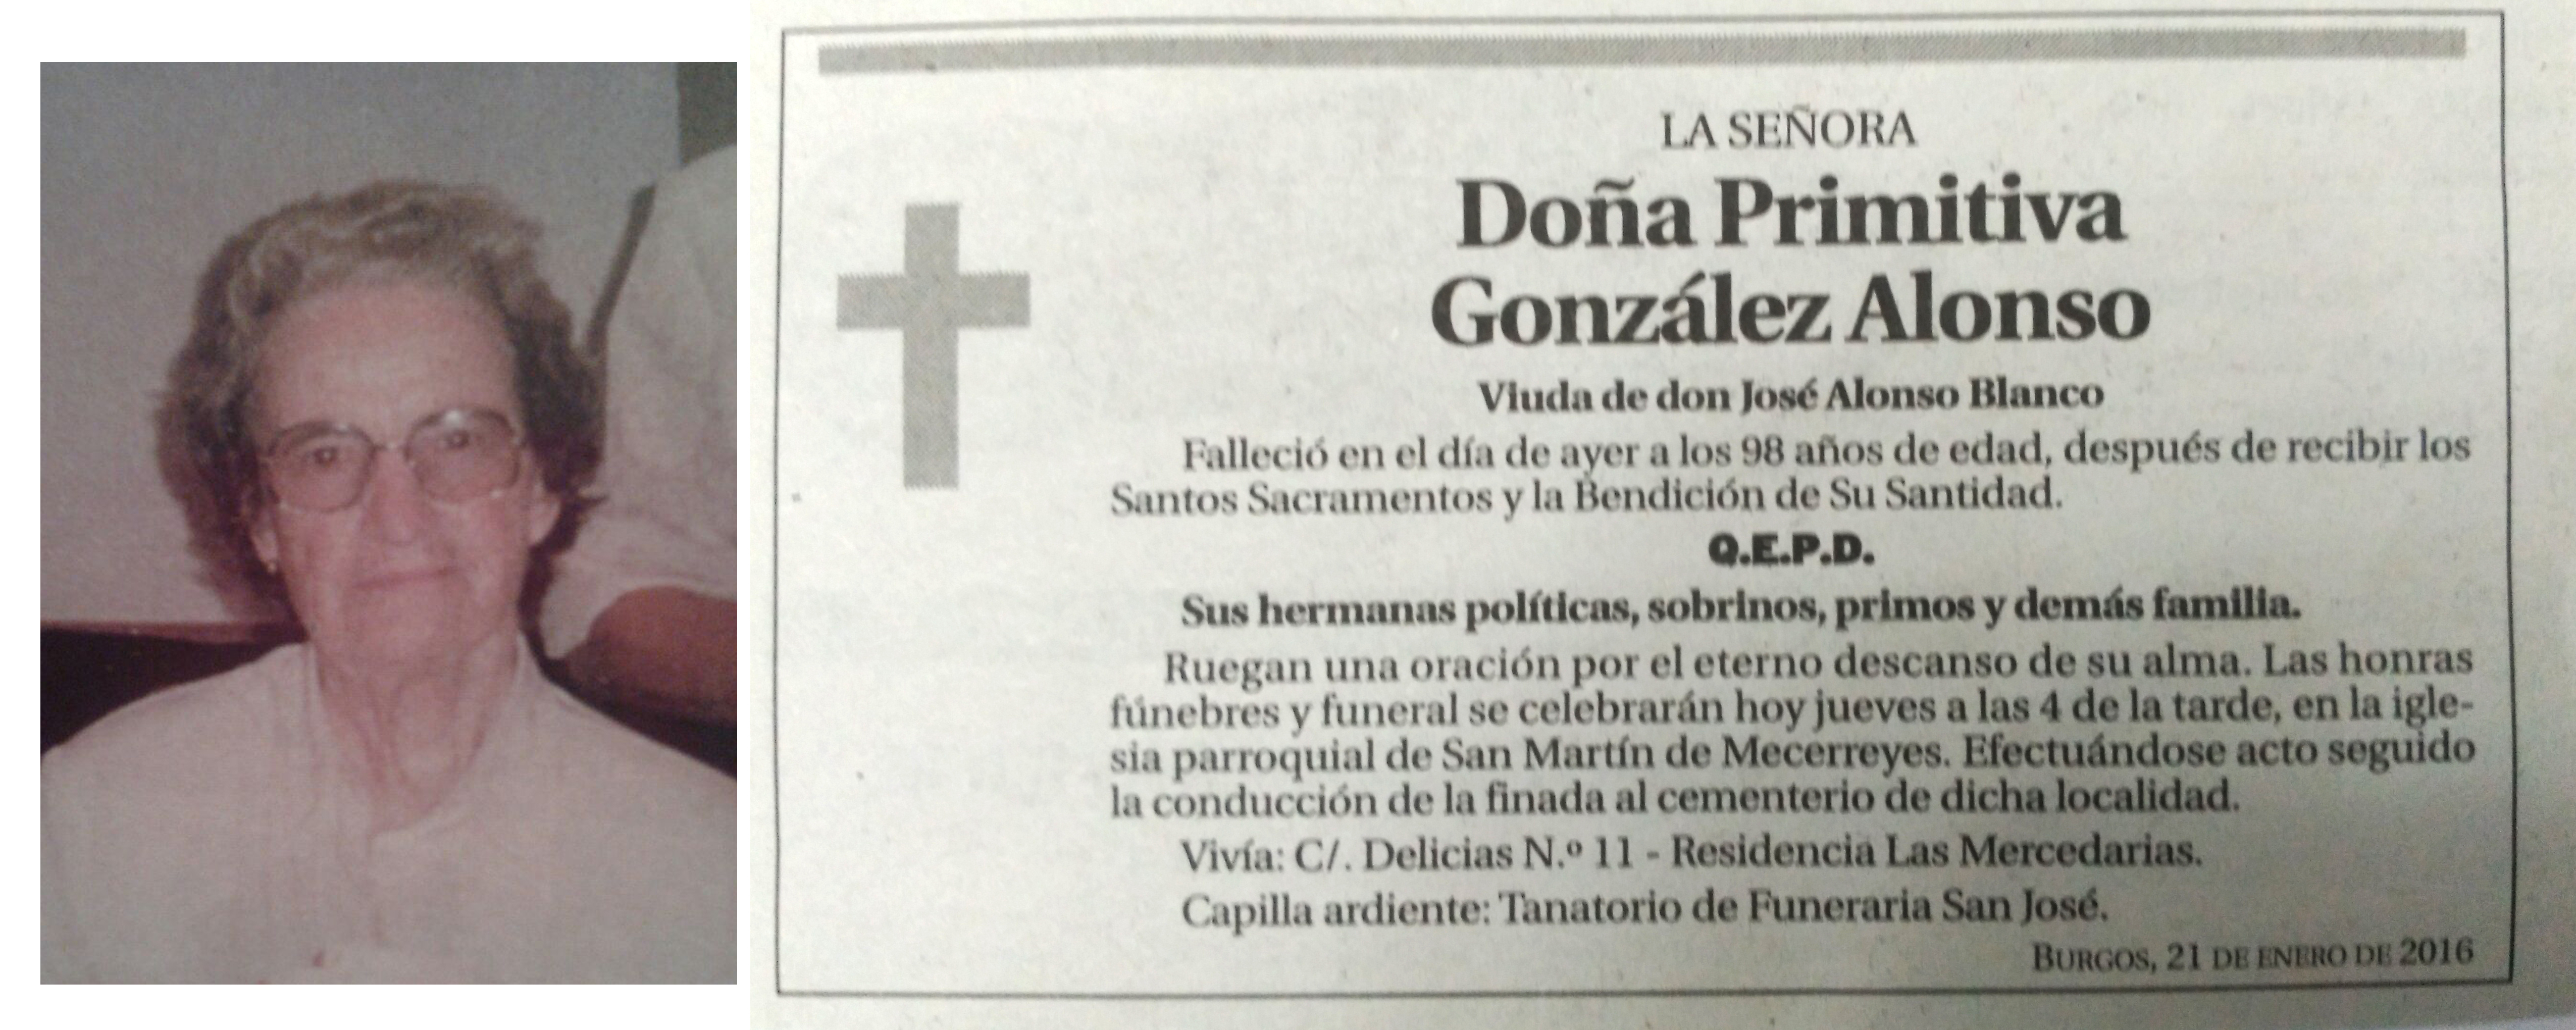 Esquela de Primitiva González Alonso, falleció el 20 de enero de 2016 a los 98 años